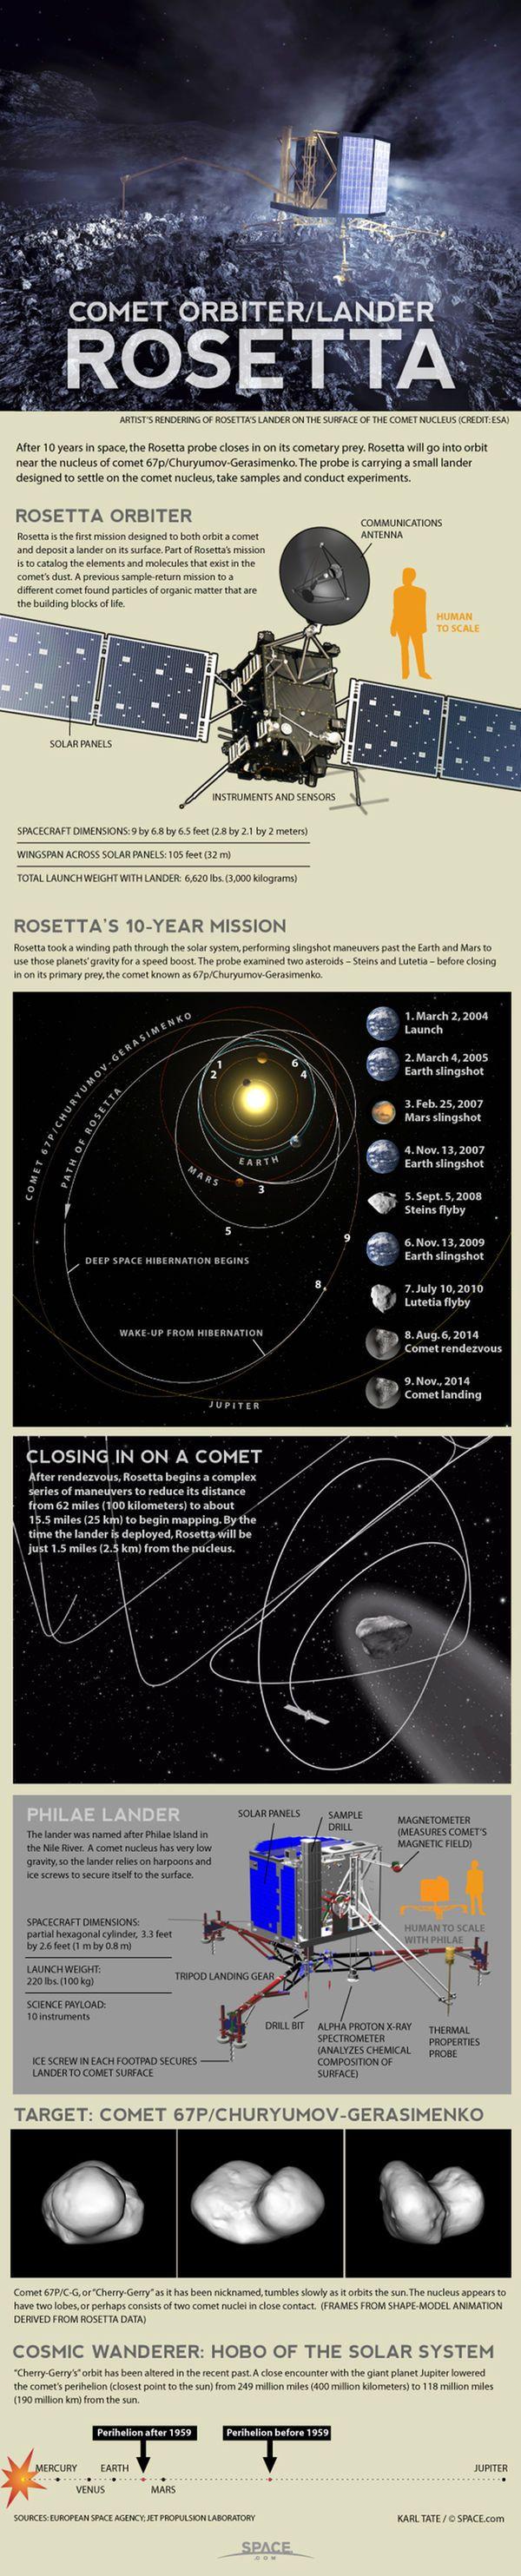 How Rosetta Spacecraft Lands on Comet (Infographic)